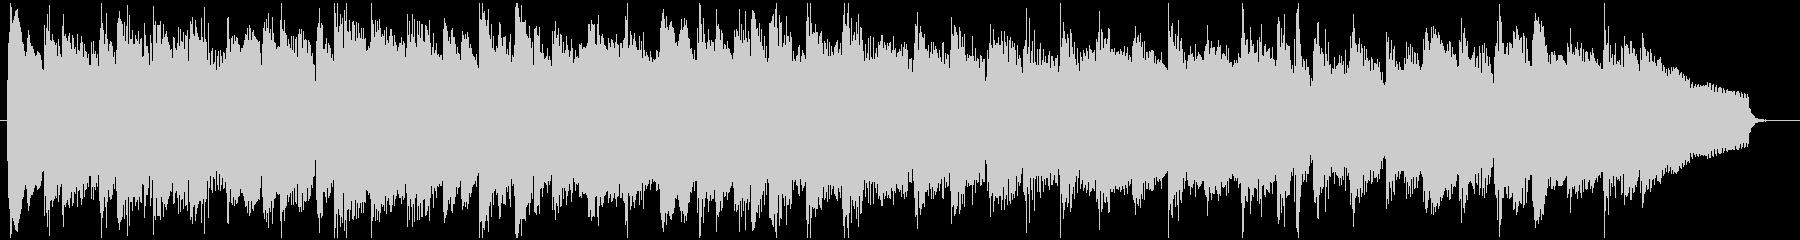 コミカルなパーカッション主体のBGMの未再生の波形